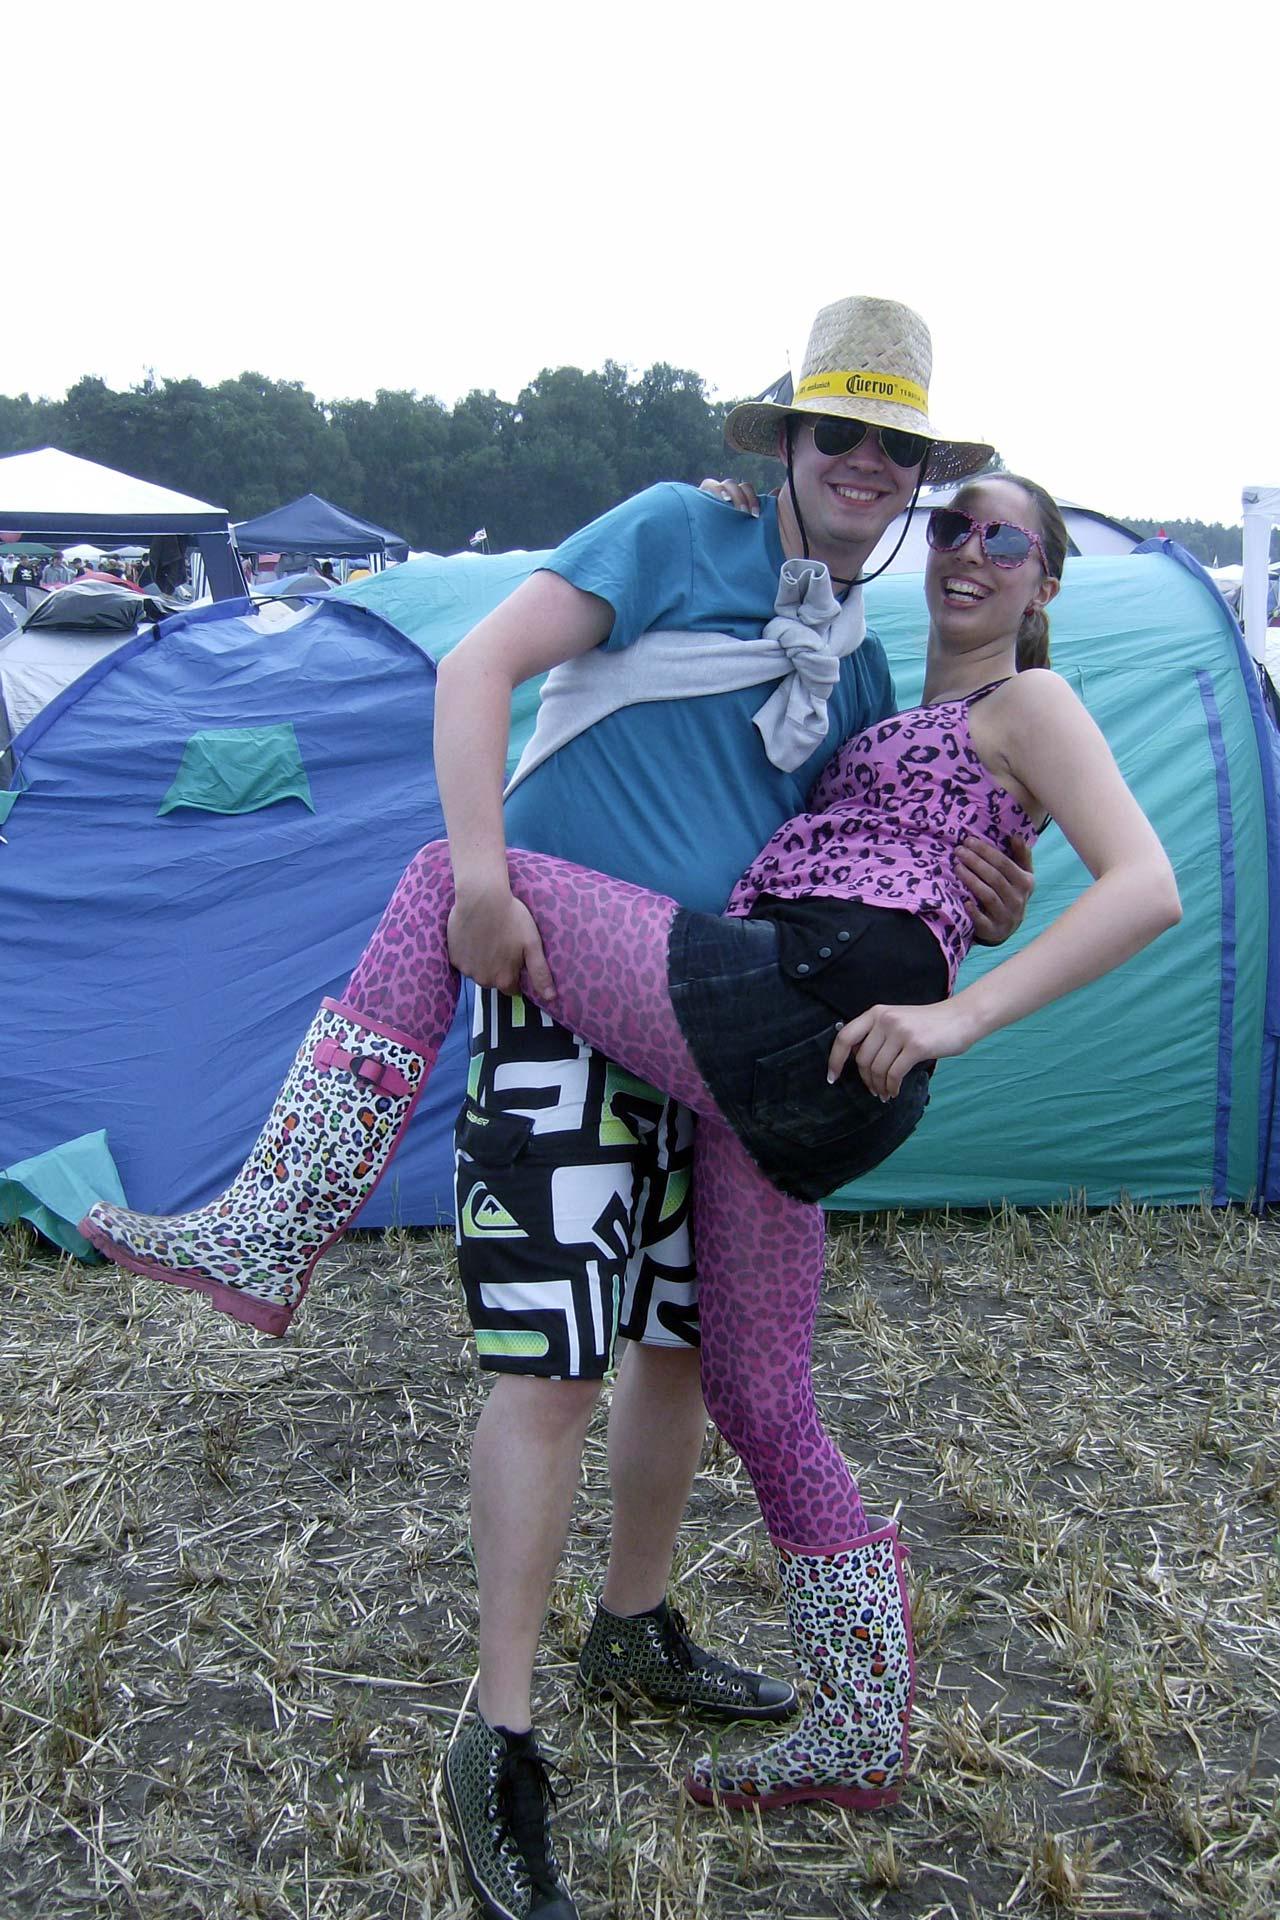 Hurricane Festival 2011: Pinkfarbener Leopard